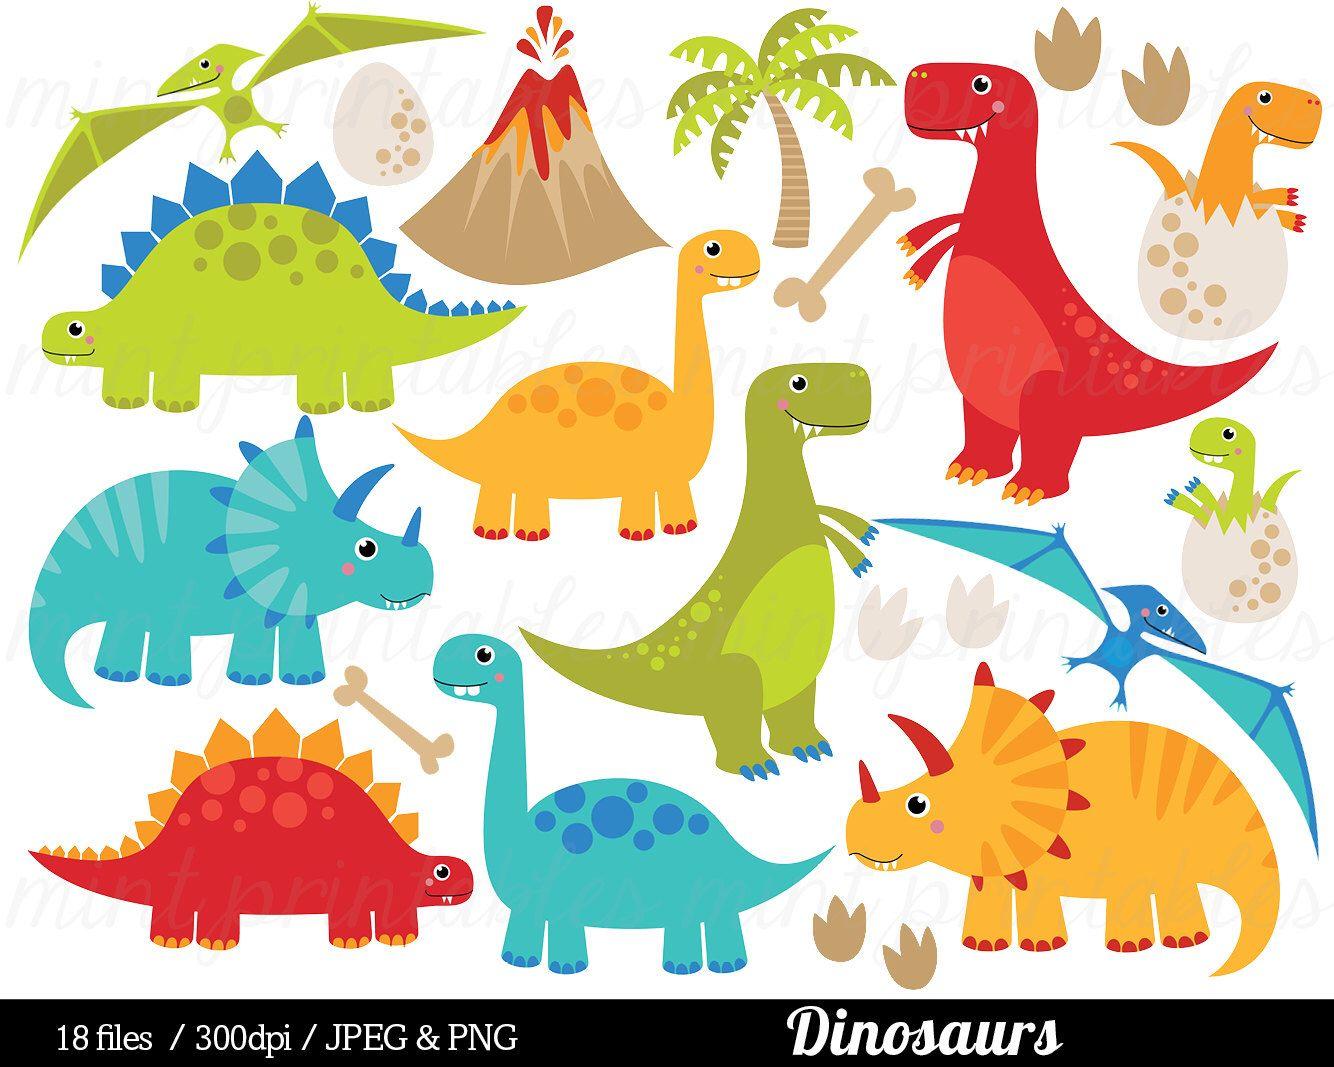 Dinosaur Clipart Dinosaurs Clip Art Tyrannosaurus Rex Stegosaurus Triceratops Pterodactyl Egg Commercial Personal Buy 2 Get 1 Free Dinosaur Clip Art Clip Art Digital Clip Art Set